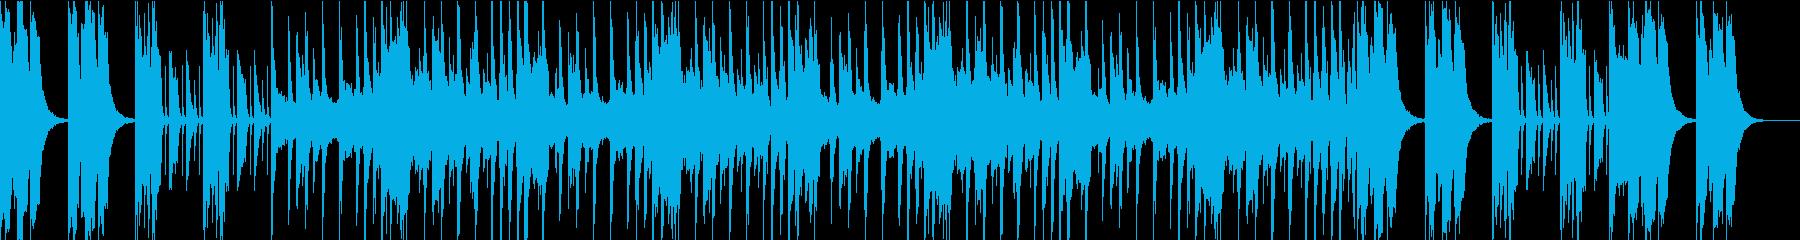 エレクトロニカルオーケストラ Aの再生済みの波形